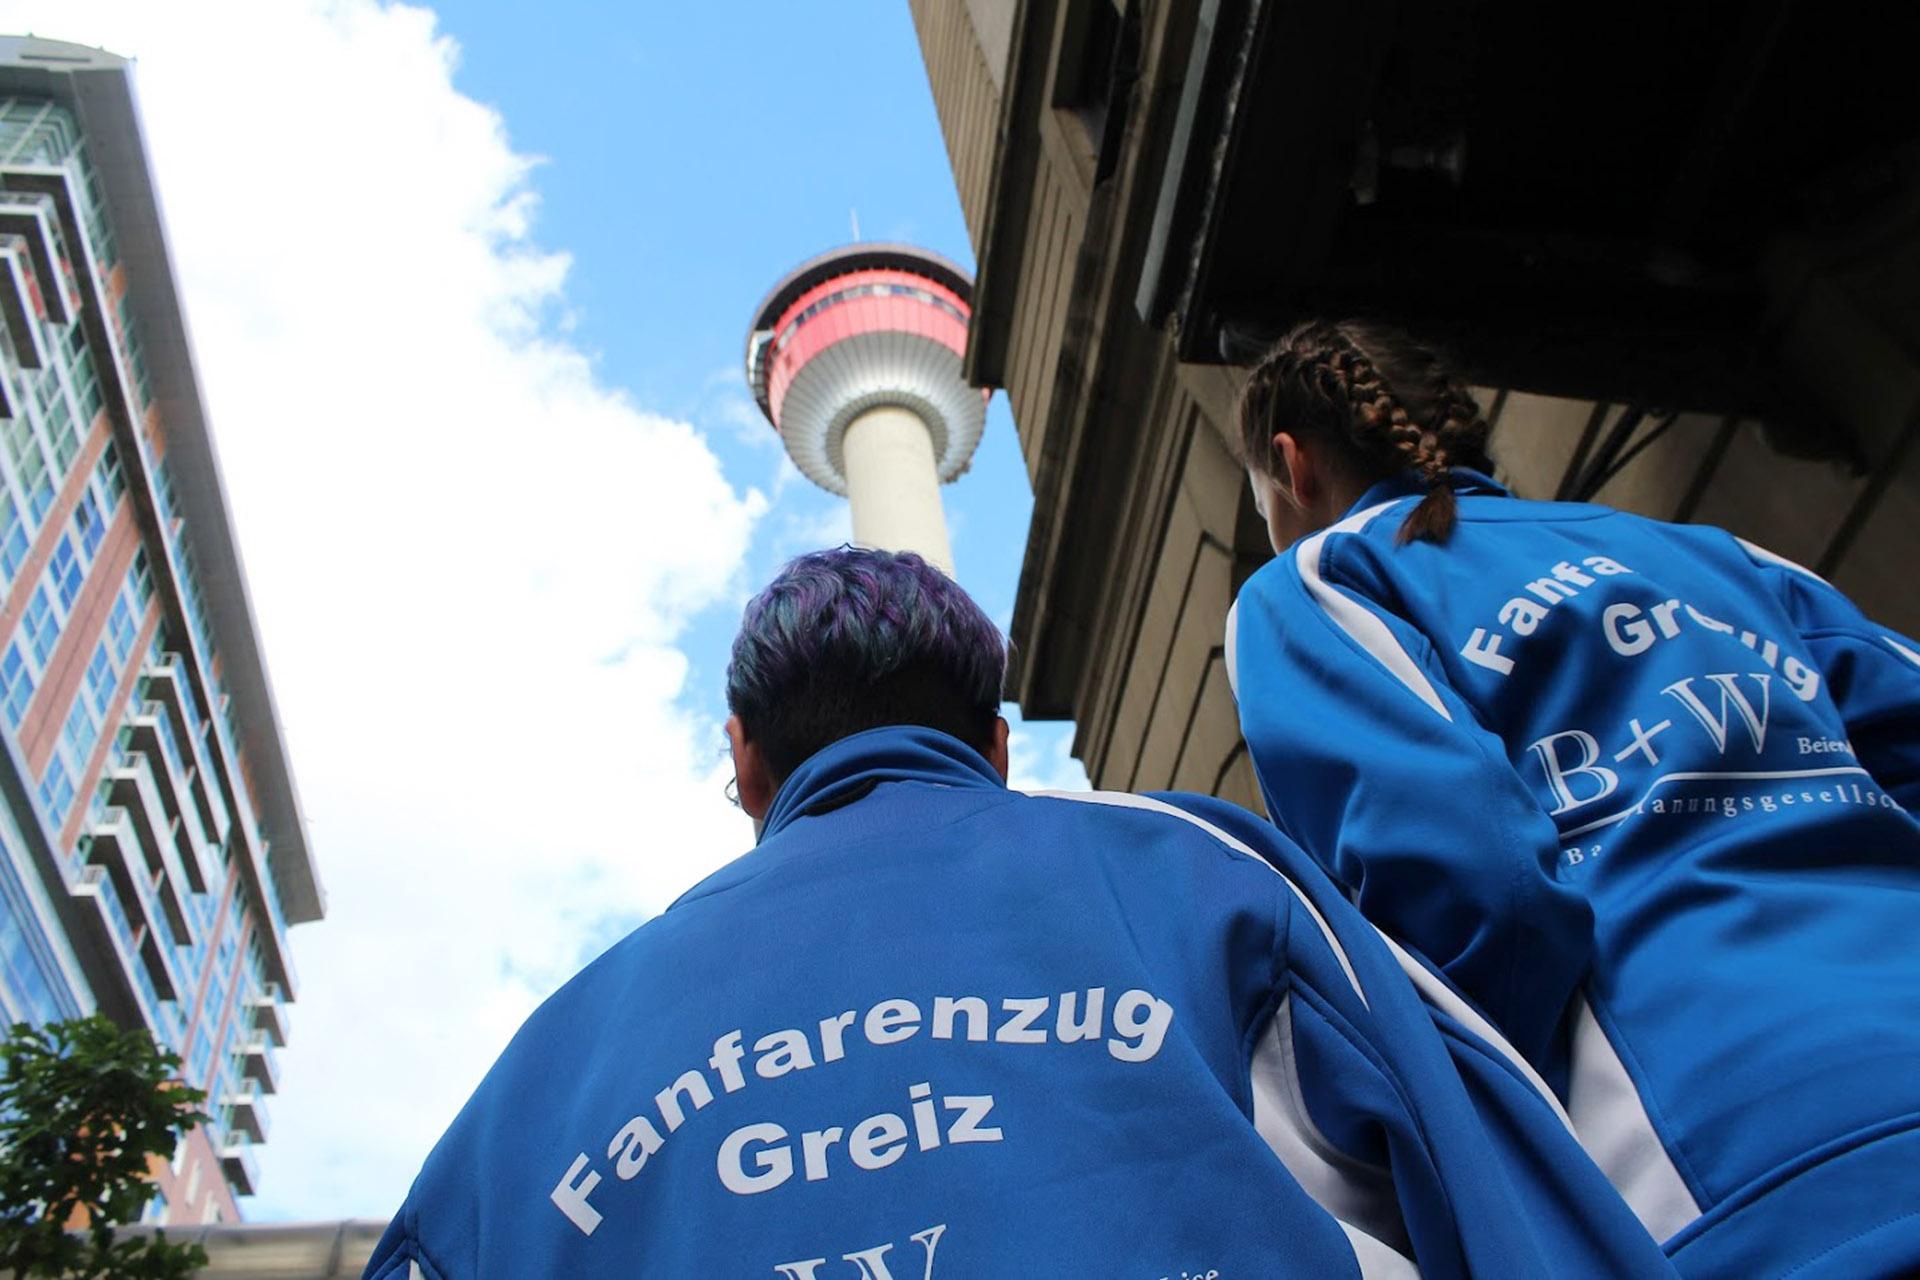 Der Fanfarenzug Greiz in Calgary: der zweite Tag